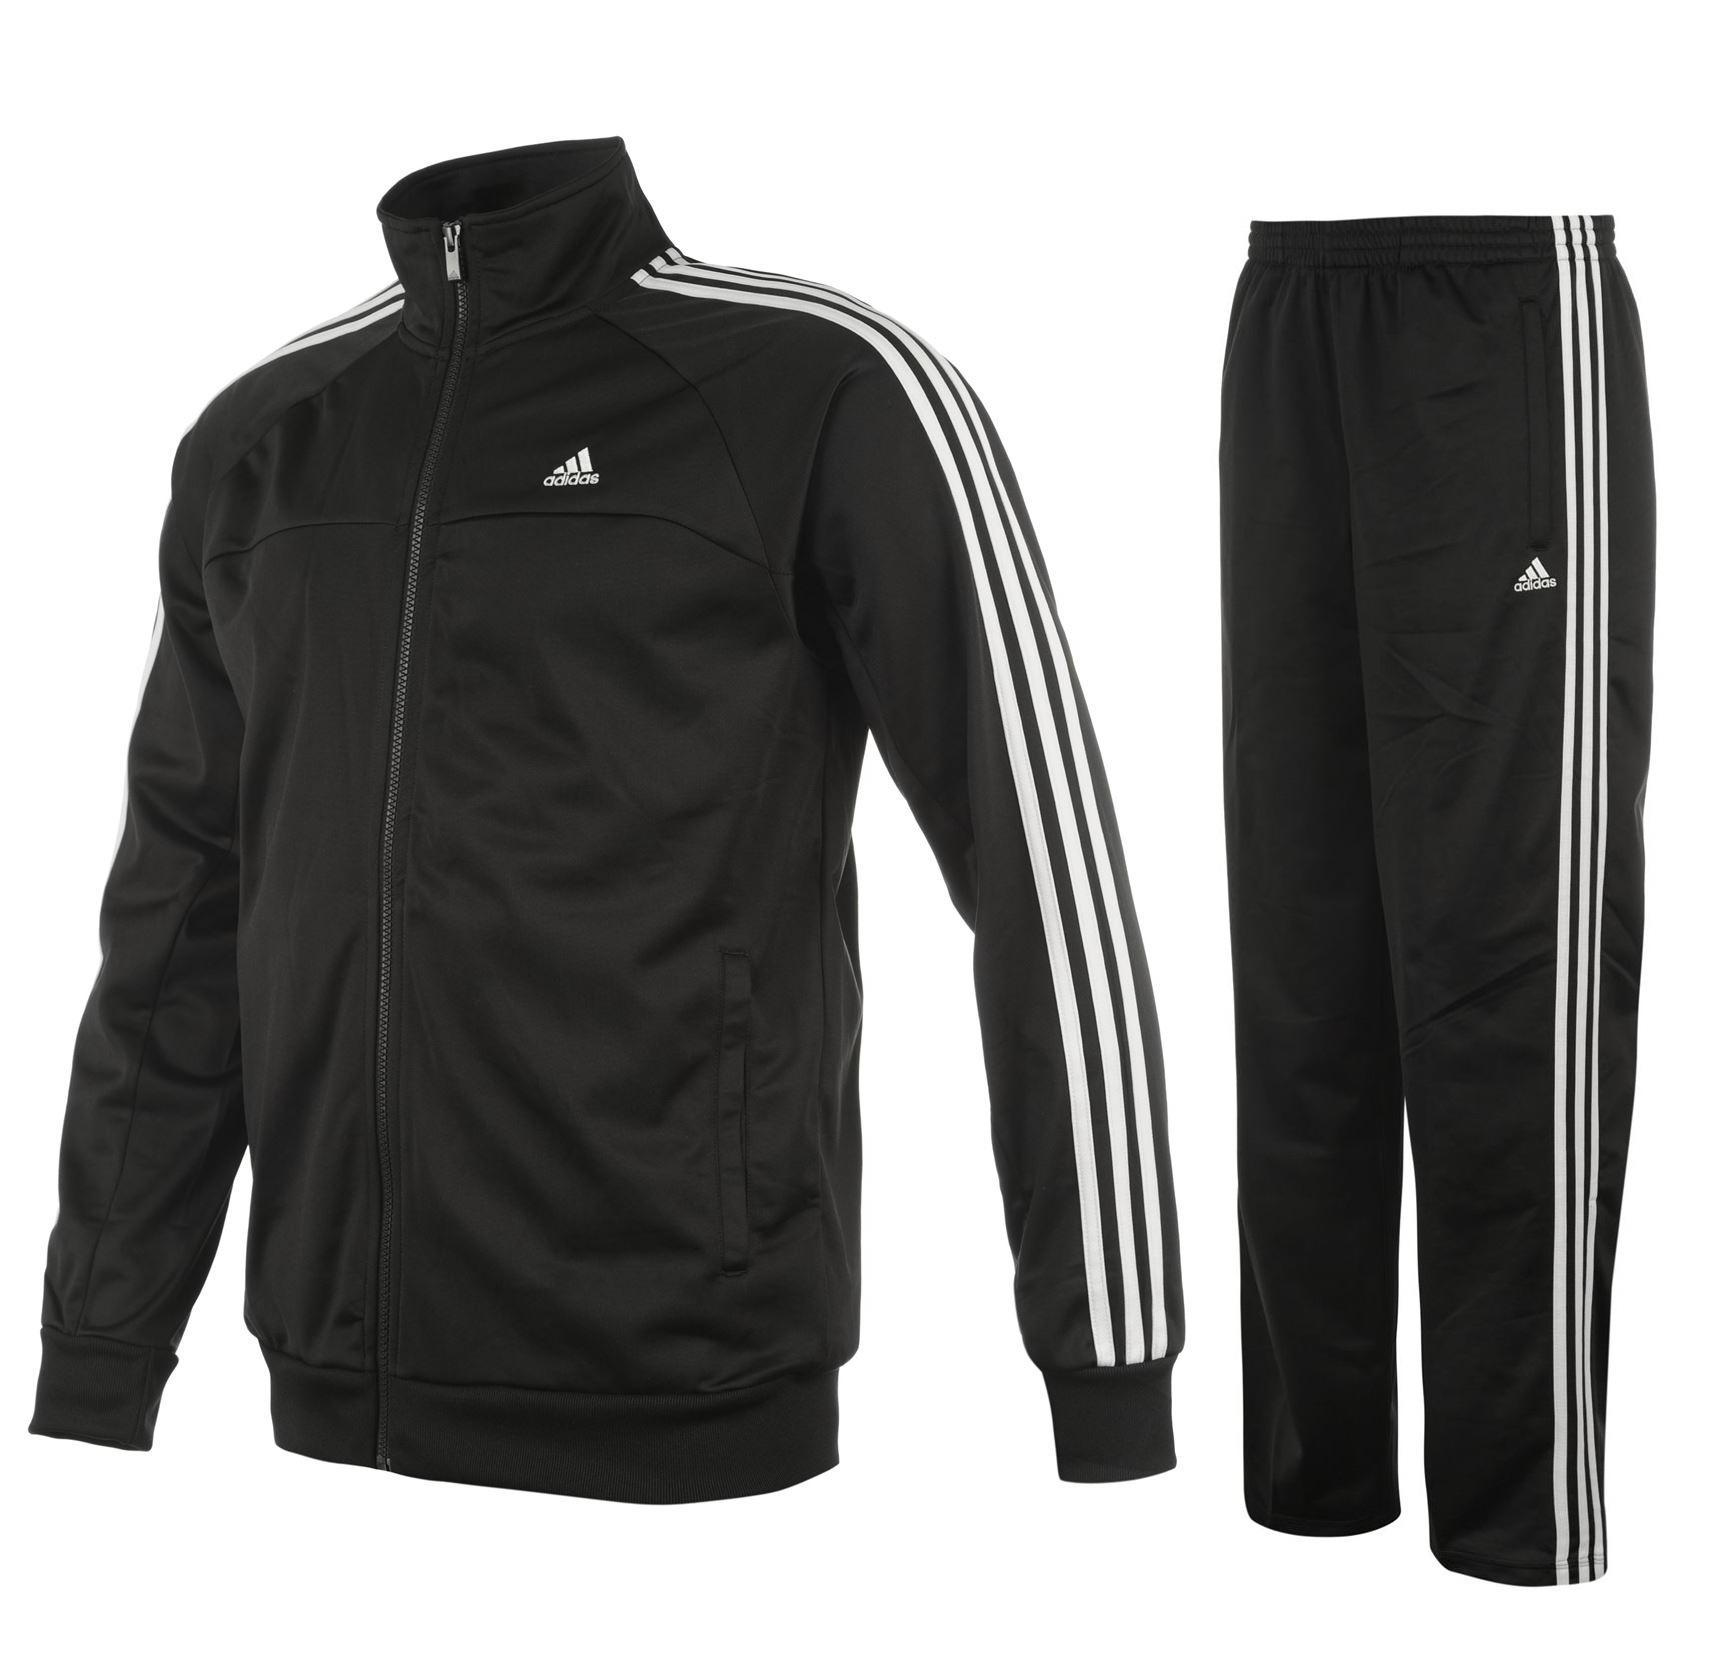 adidas 3 streifen herren trainingsanzug essentials. Black Bedroom Furniture Sets. Home Design Ideas